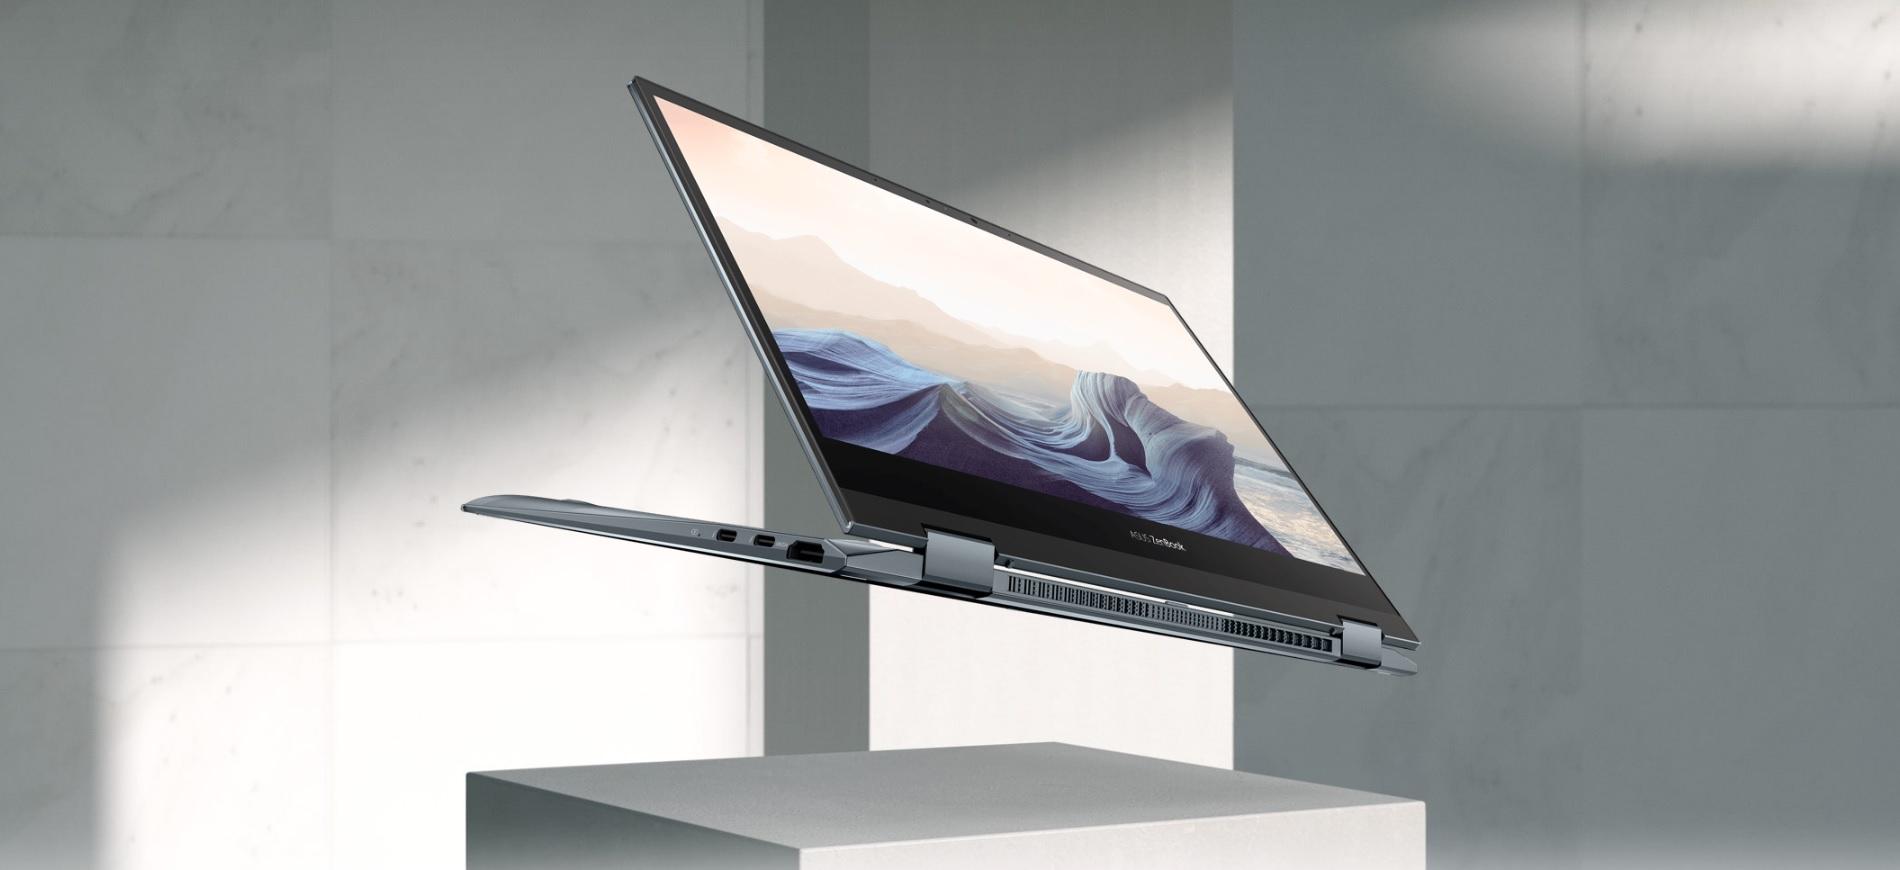 Nowy ZenBook Flip 13 (UX363) już dostępny w Polsce. Cena jest adekwatna do tego, co oferuje